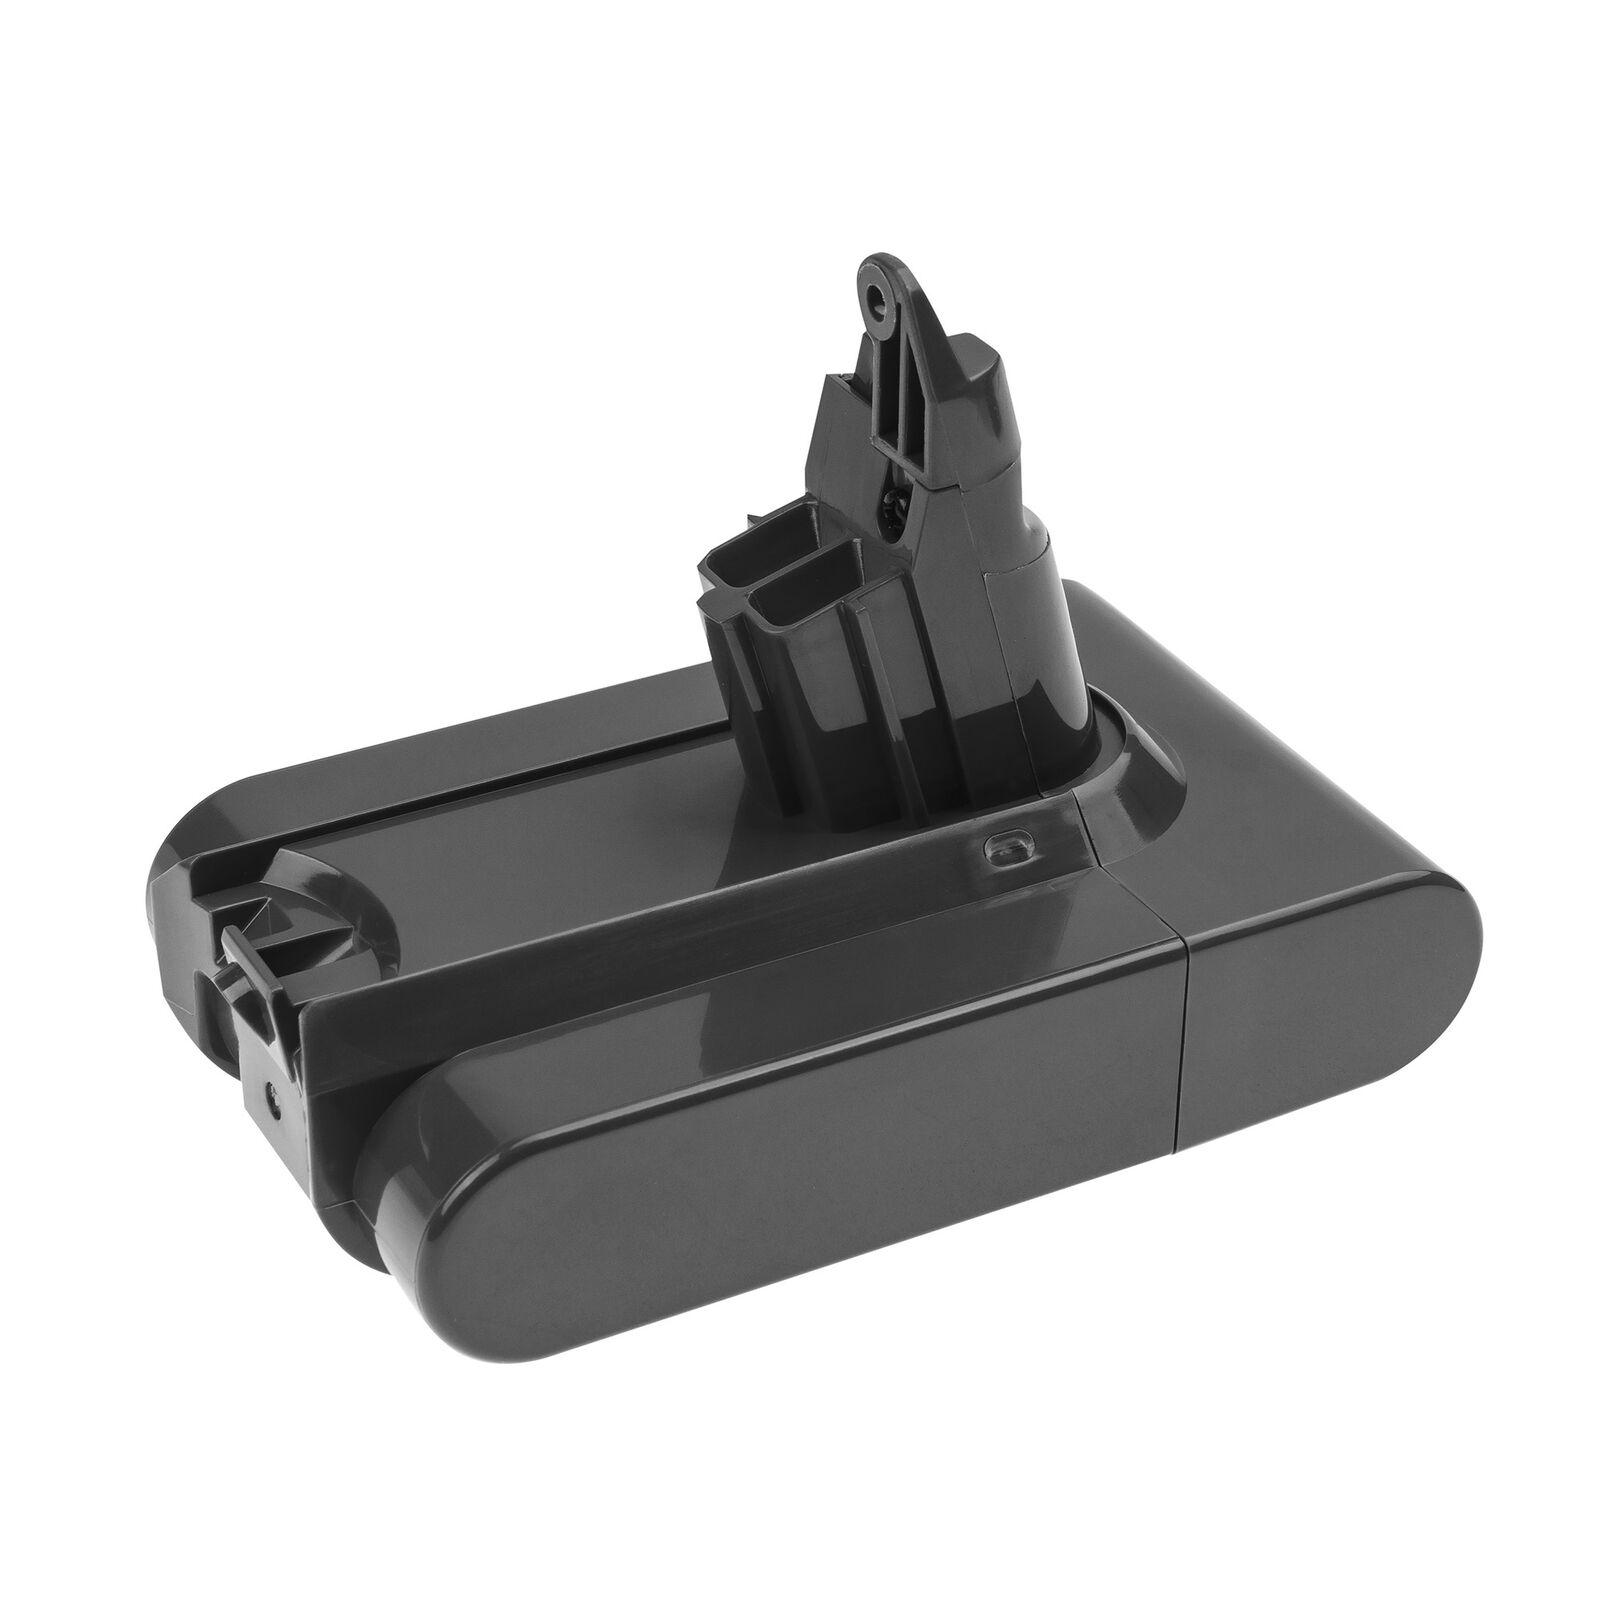 Batterie Dyson Absolute DC58 DC59 DC61 DC62 DC72 DC74 V6 (2Ah 21.6V)(compatible)